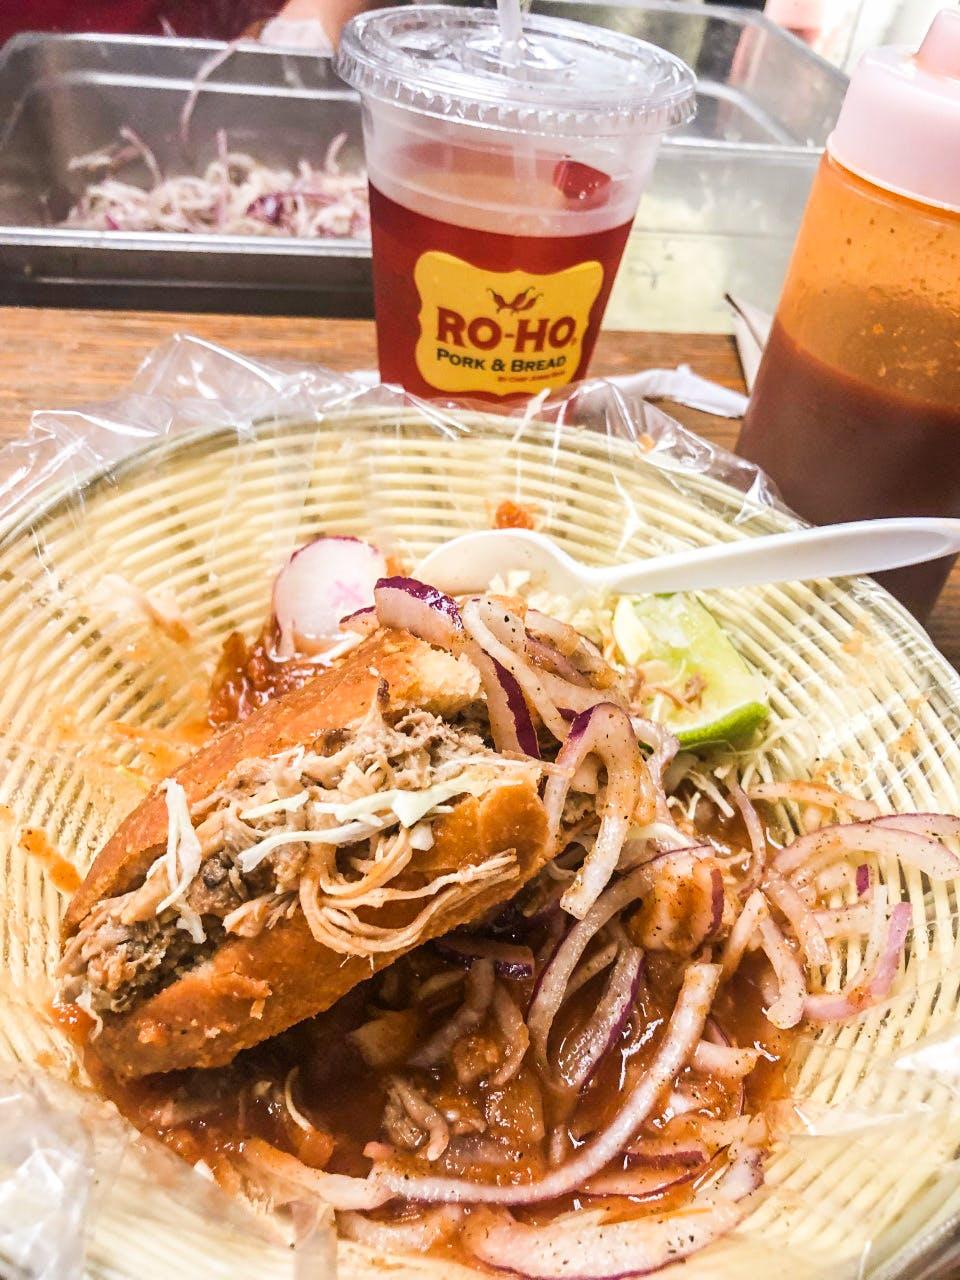 The torta ahogada at Ro-Ho Pork & Bread in San Antonio.